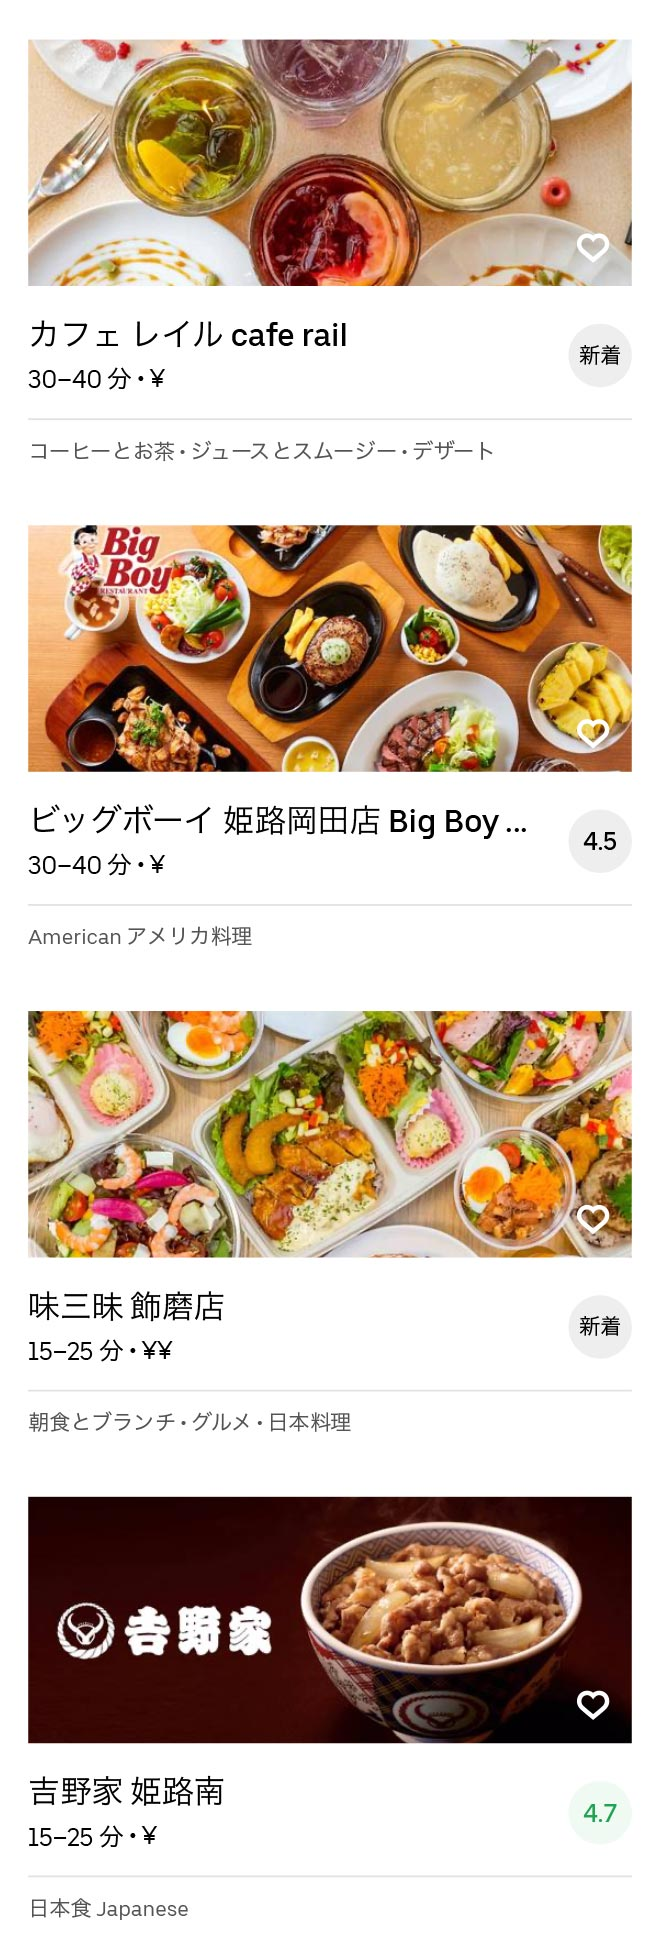 Shikama menu 2007 04